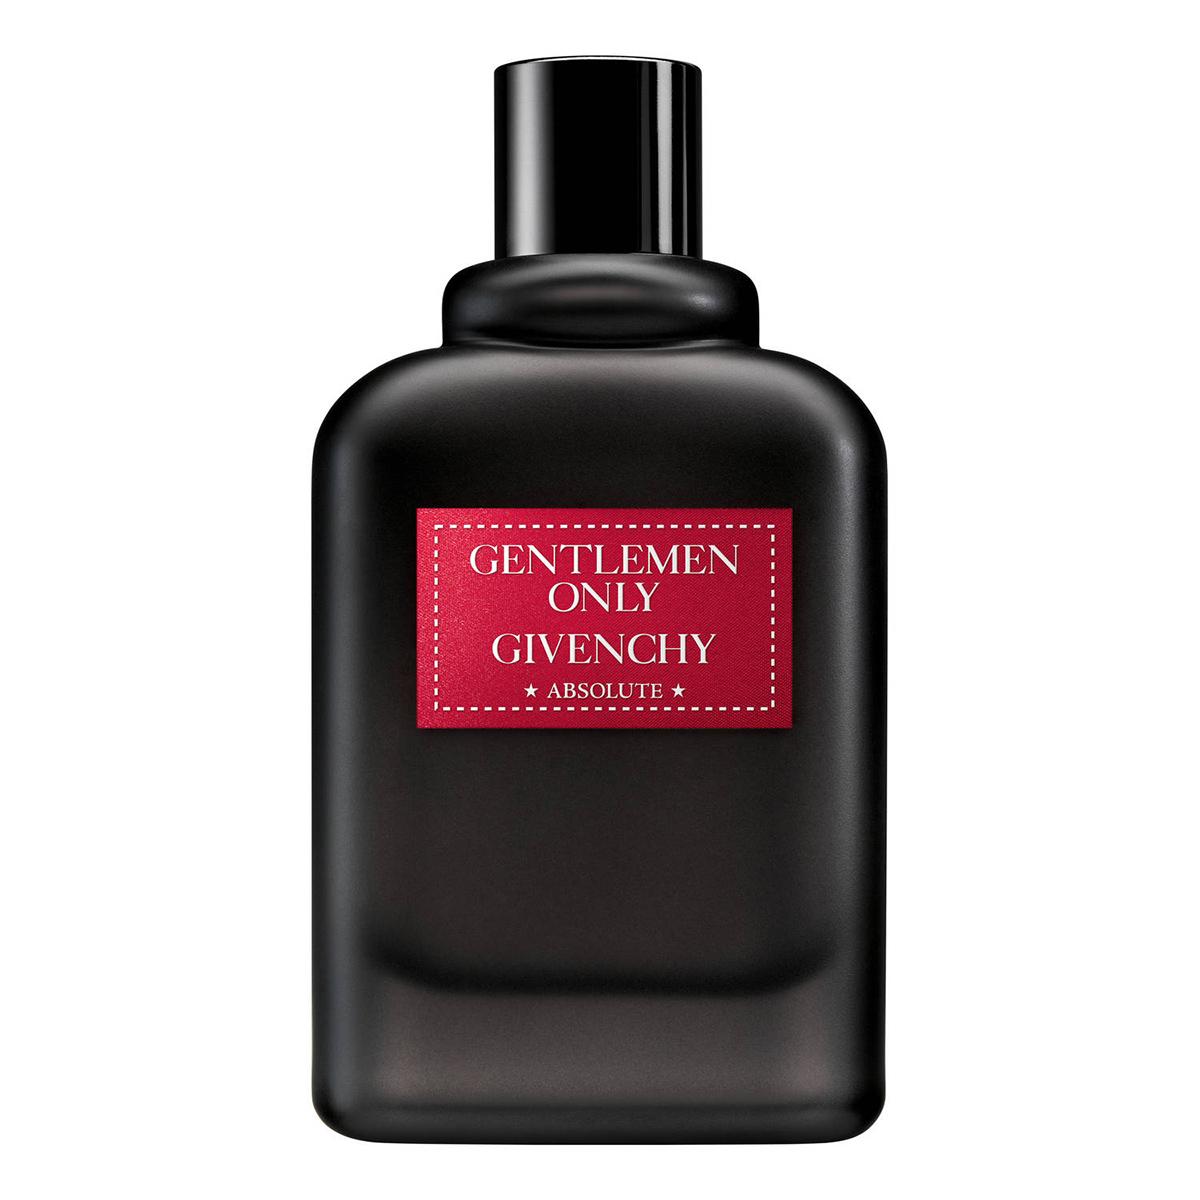 Eau de Parfum Gentlemen Only Absolute - Givenchy